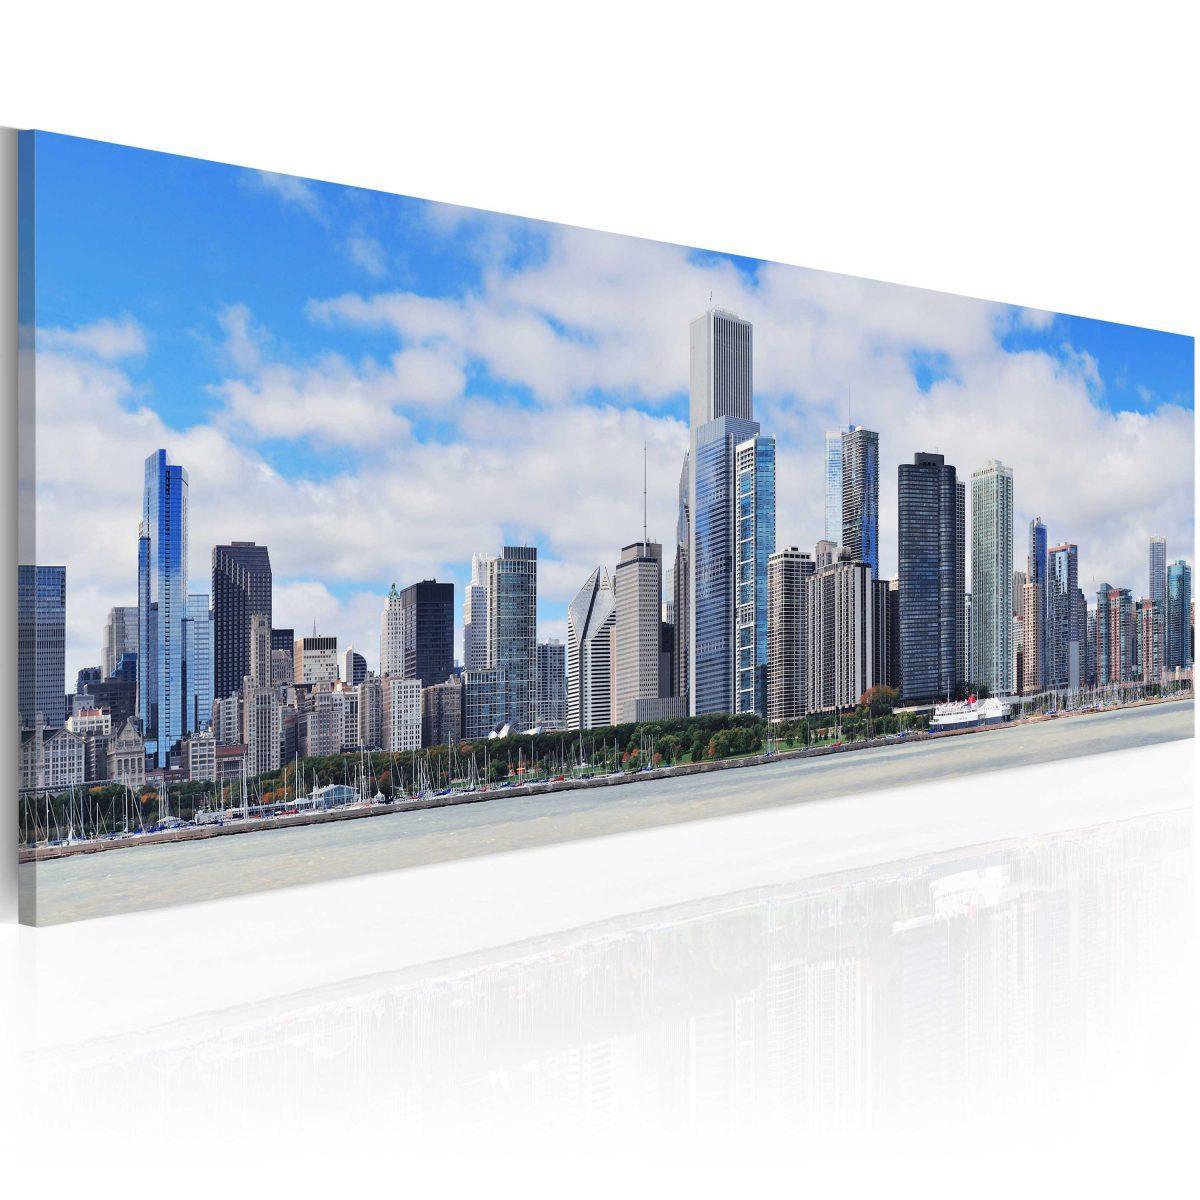 Canvas Tavla - Big city - big hopes - 120x40